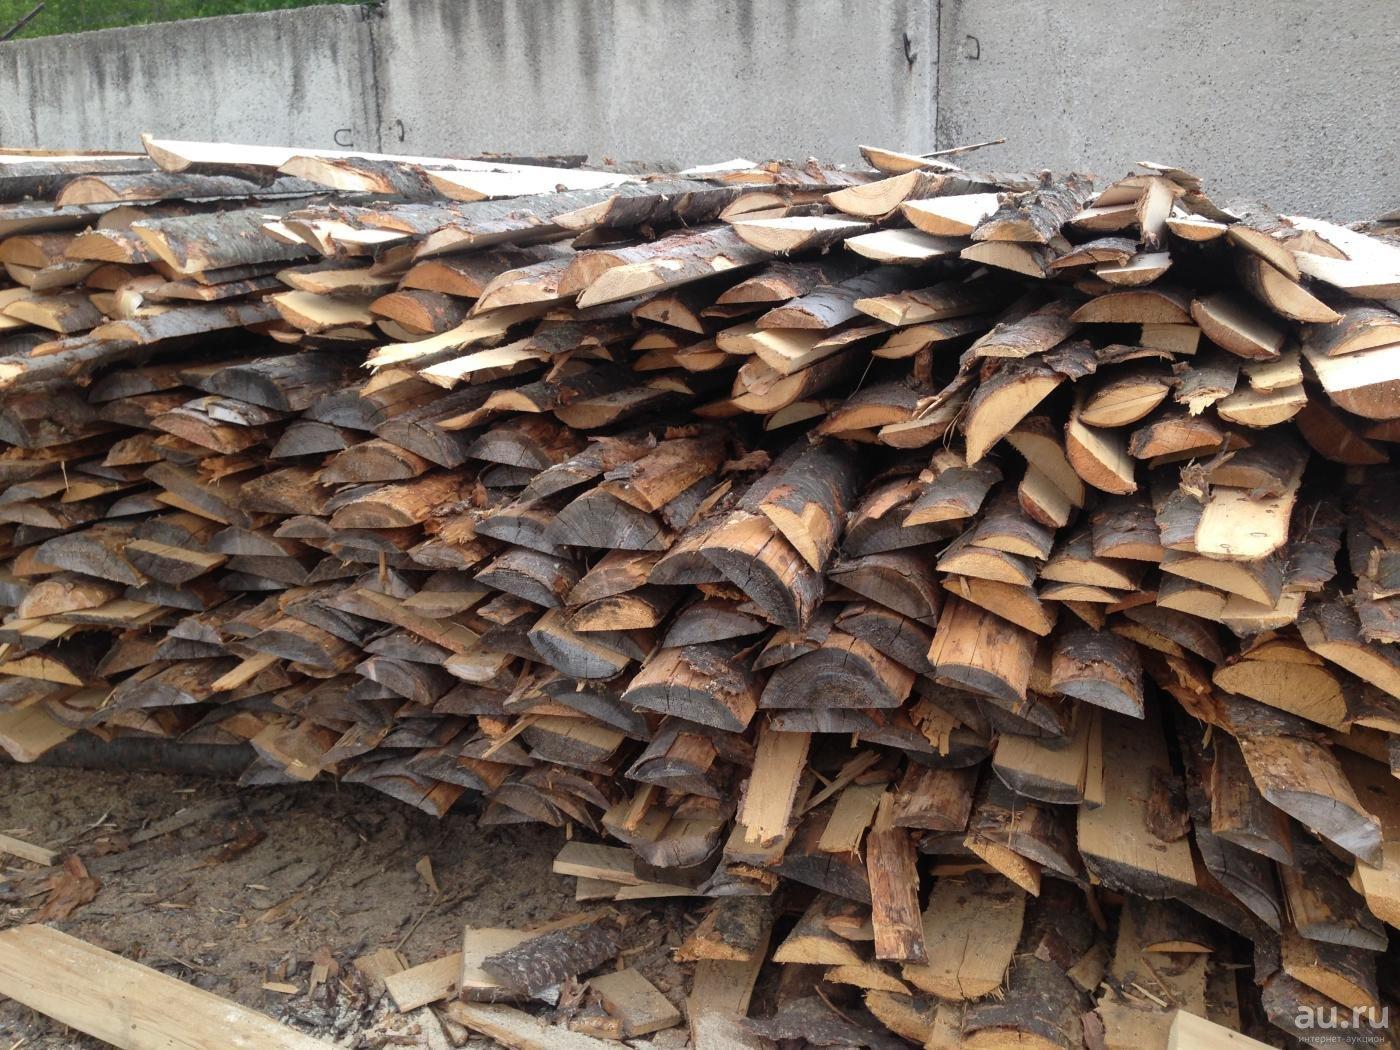 Переработка горбыля: оборудование, экономическая выгода